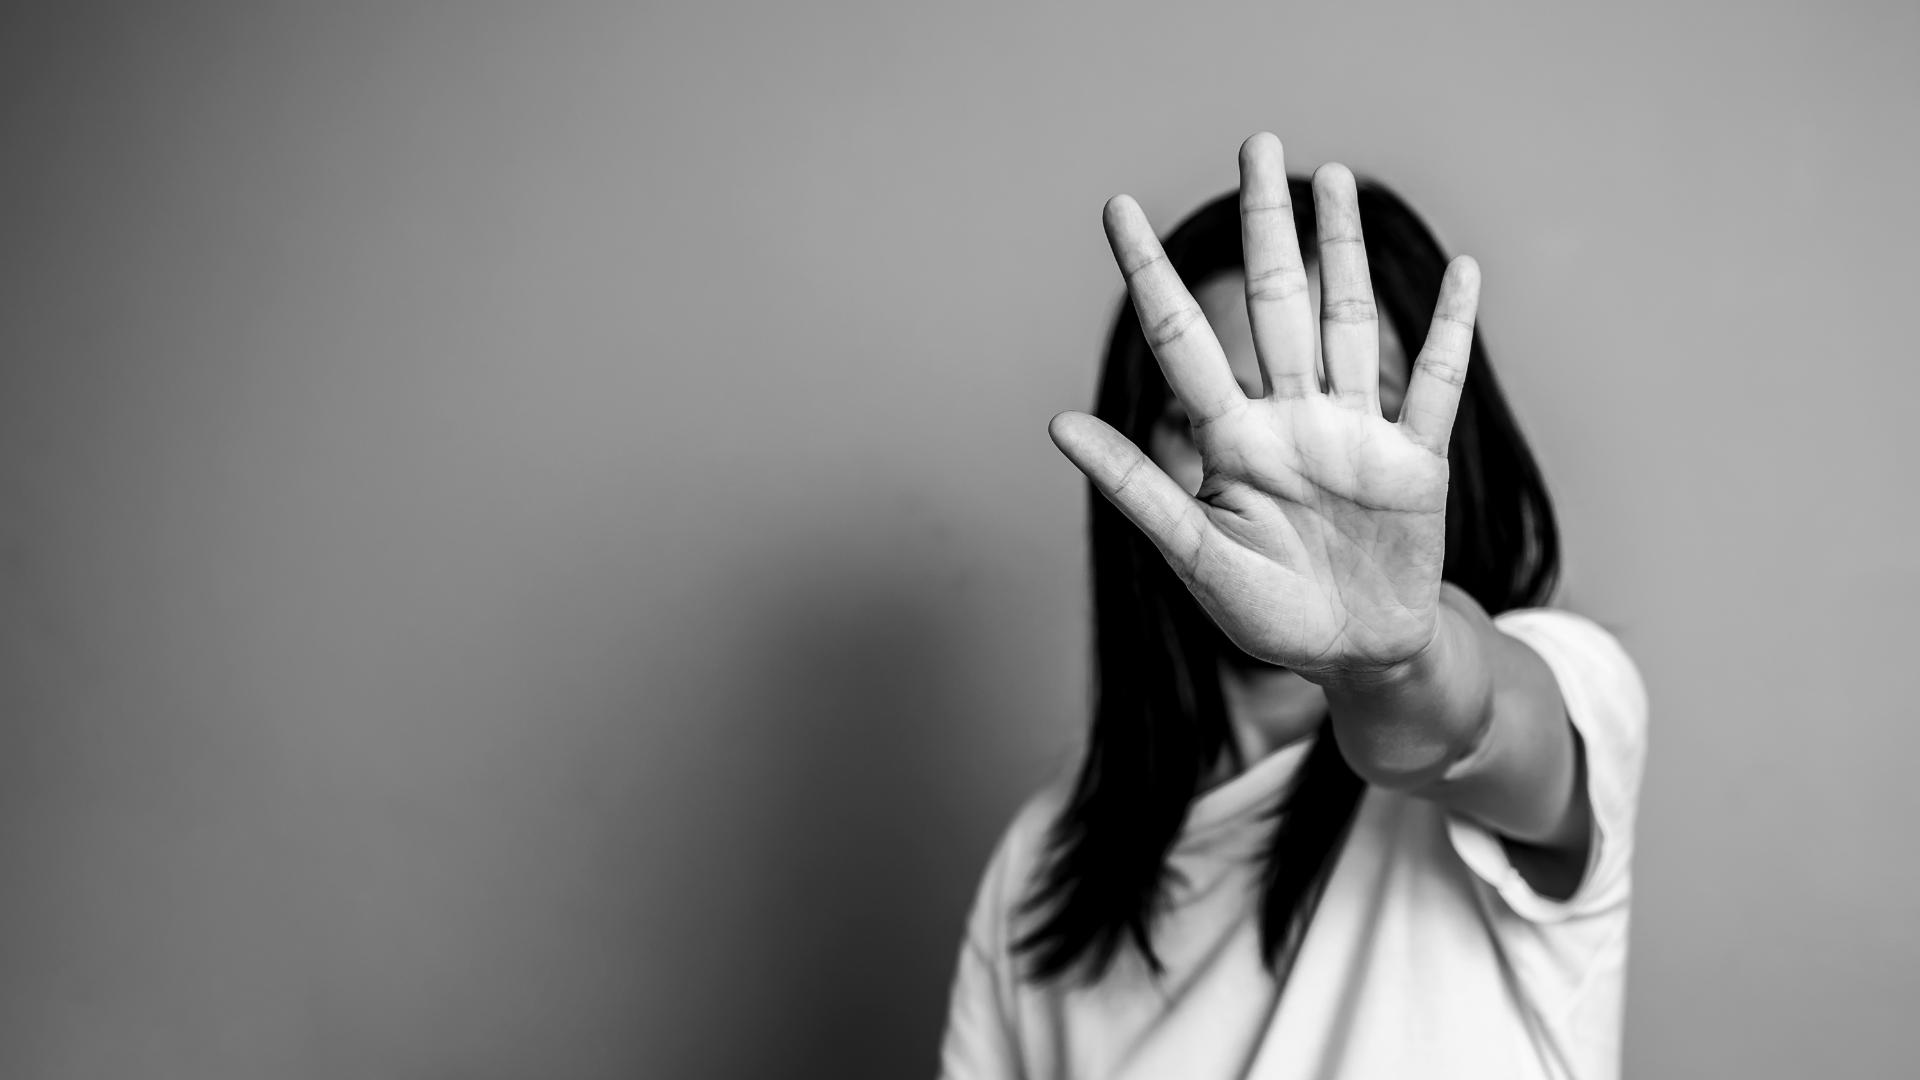 Frau mit ausgestreckter Hand